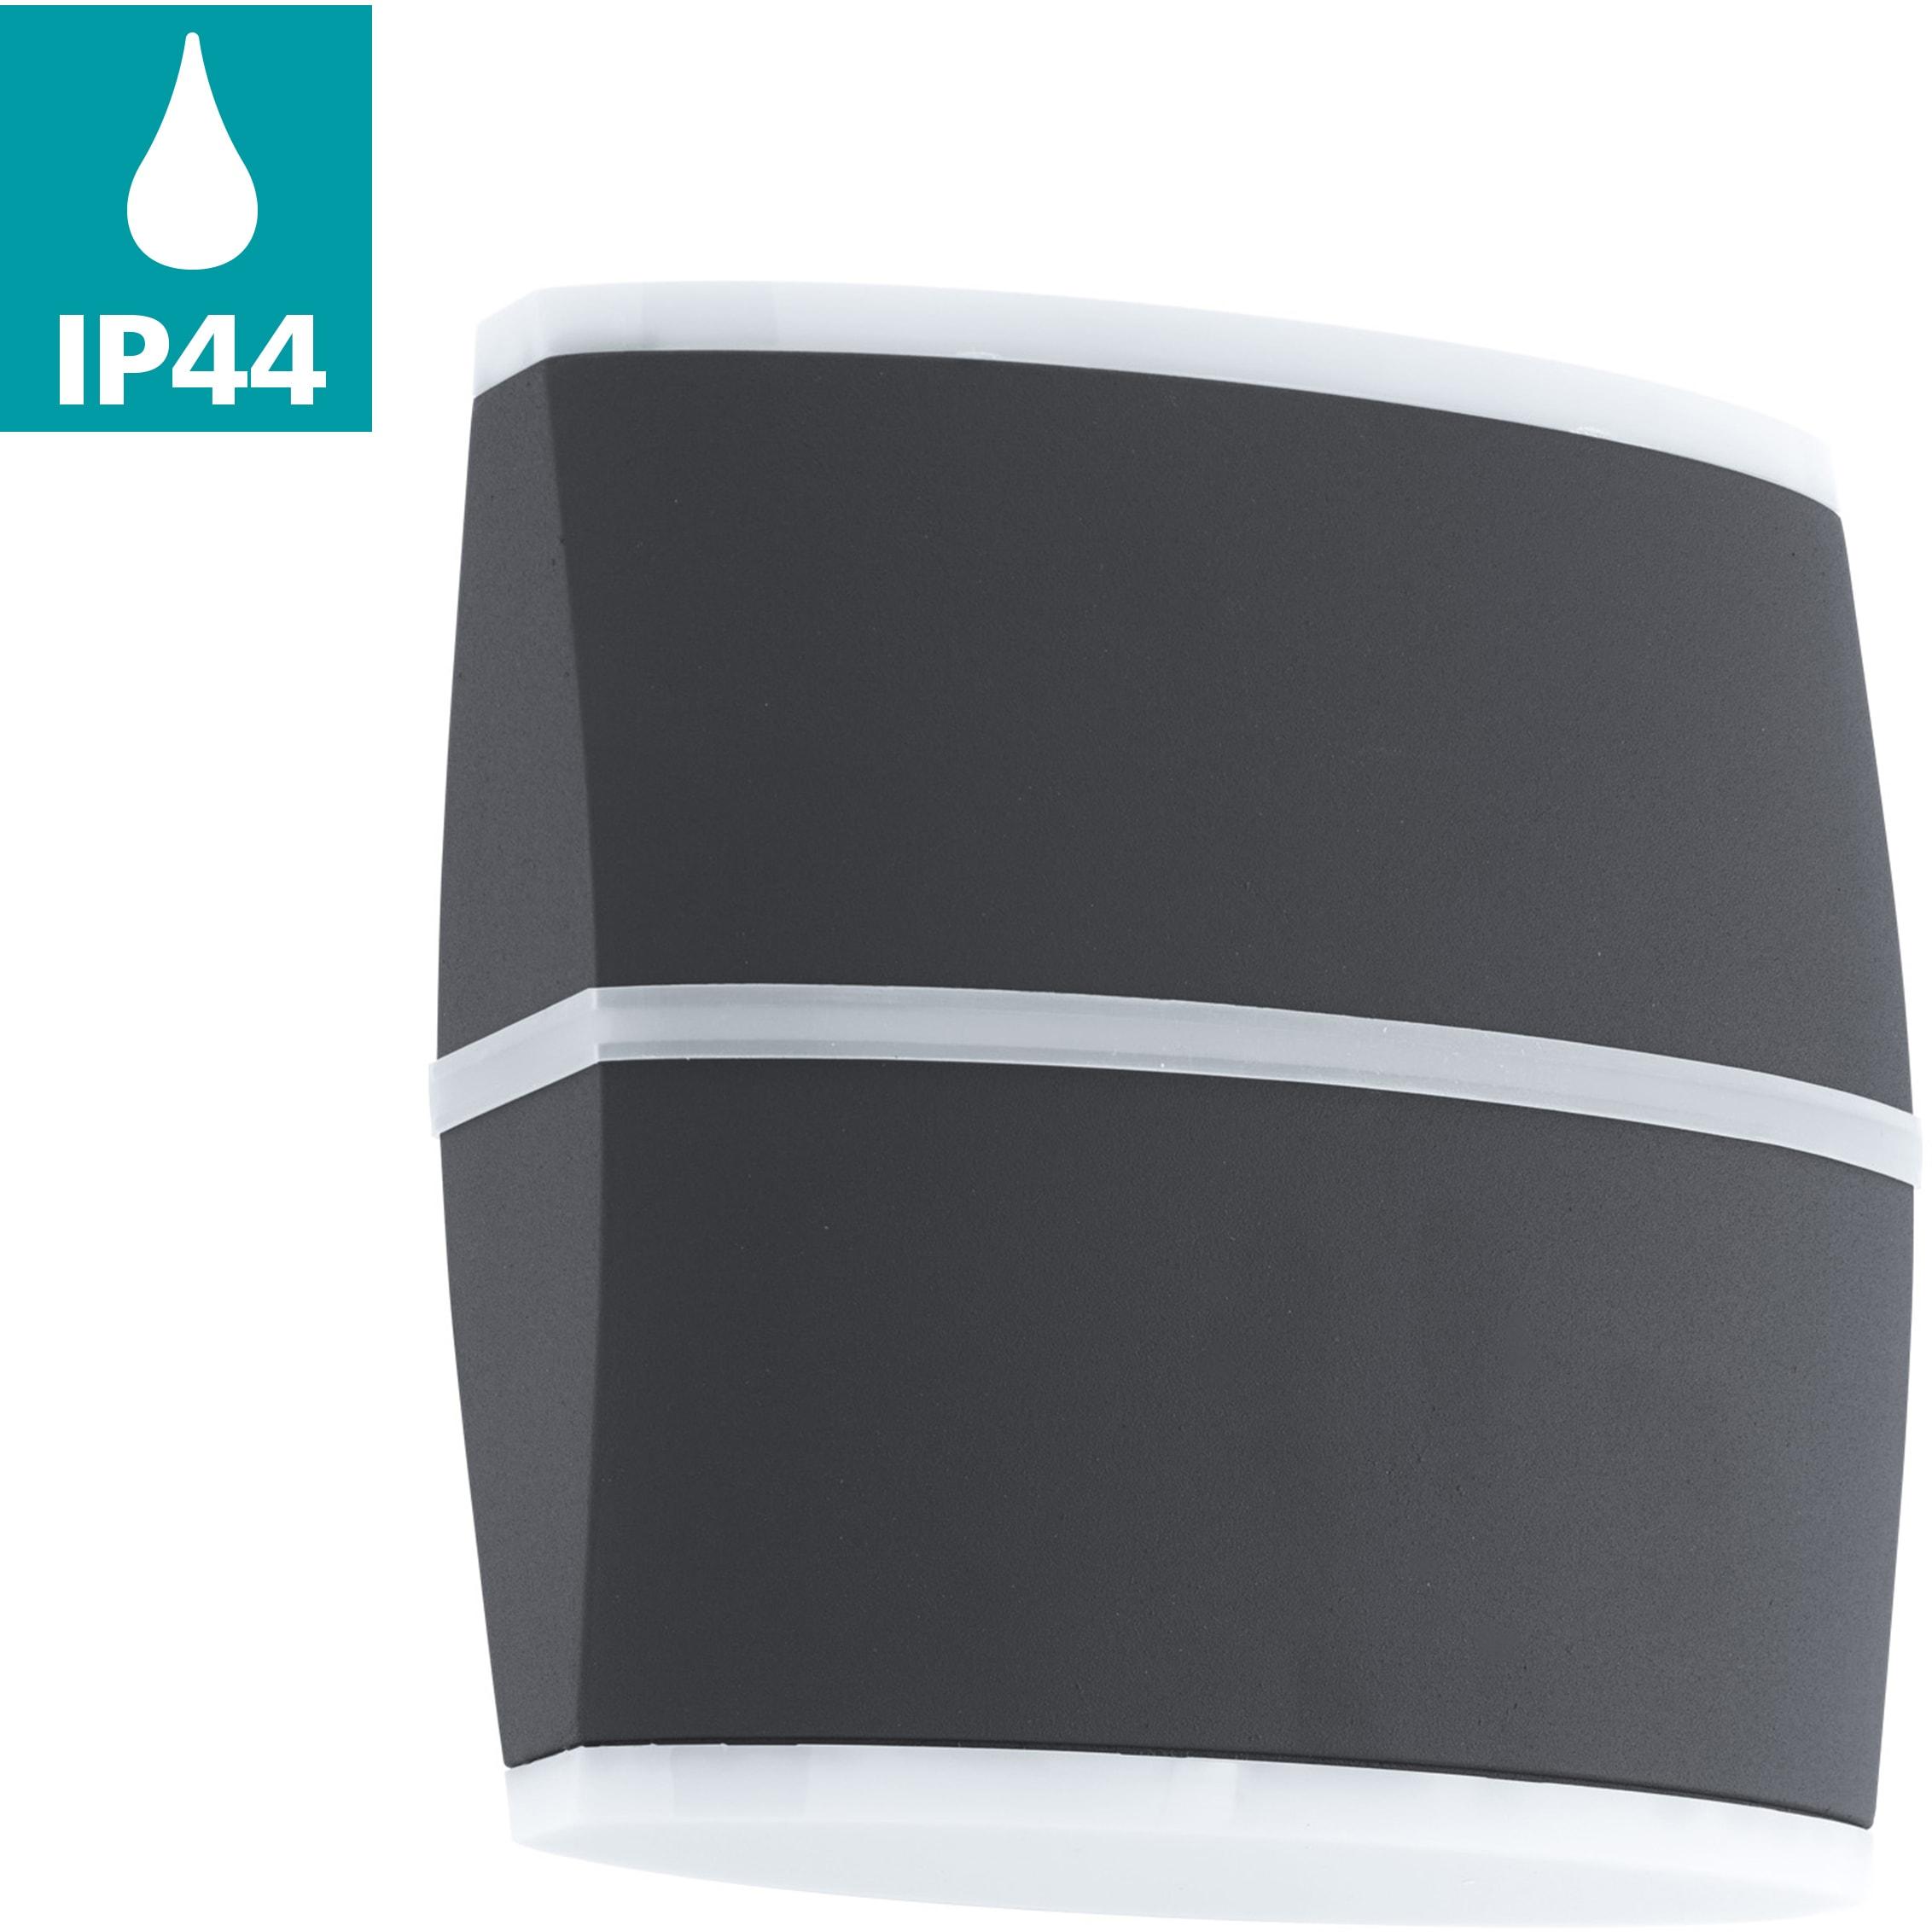 EGLO LED Außen-Wandleuchte PERAFITA, LED-Board, Warmweiß, Eckmontage möglich